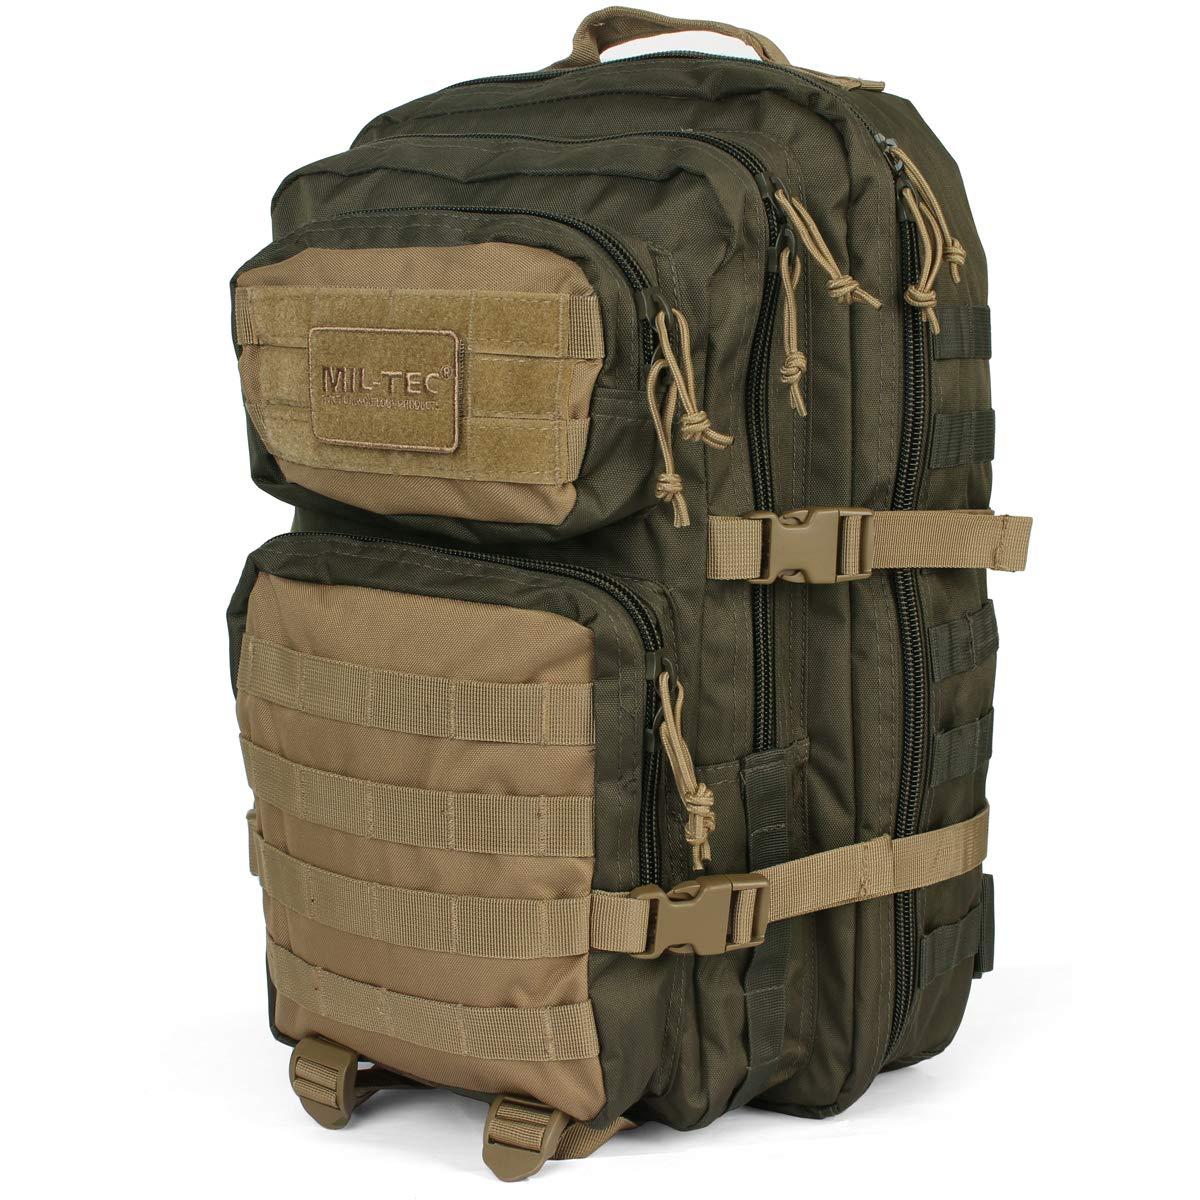 Mil-Tec US Assault Mochila Grande Ranger Green//Coyote